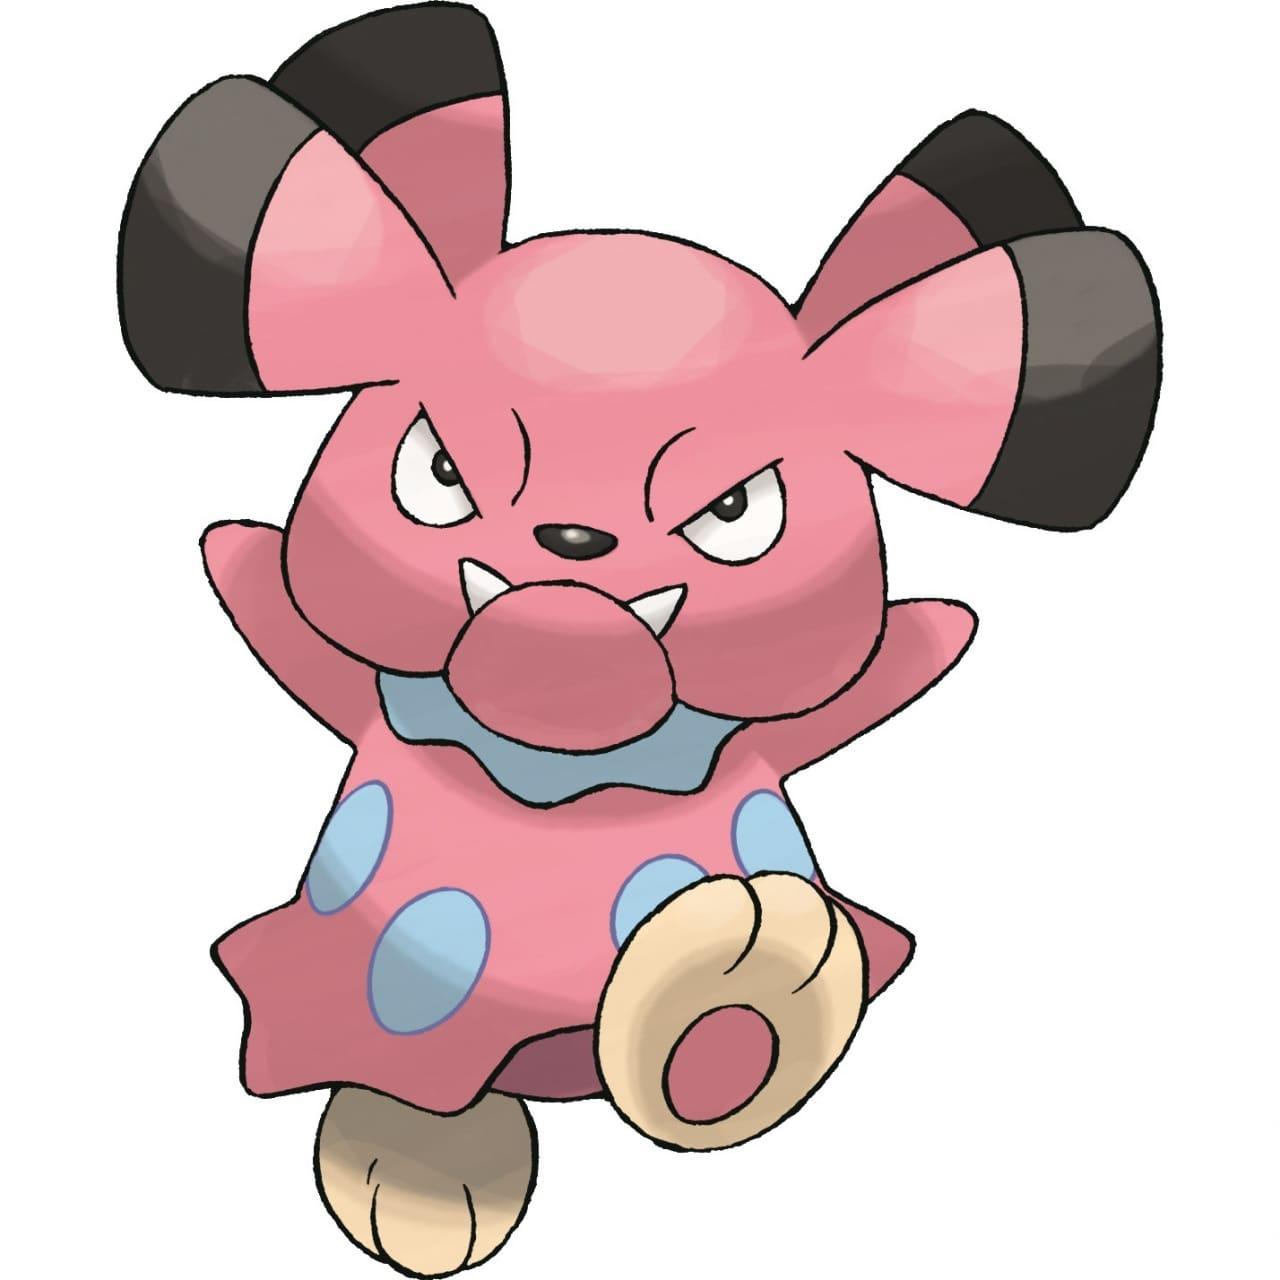 【攻略】Pokemon GO 布魯屬性圖鑑 布魯在哪抓